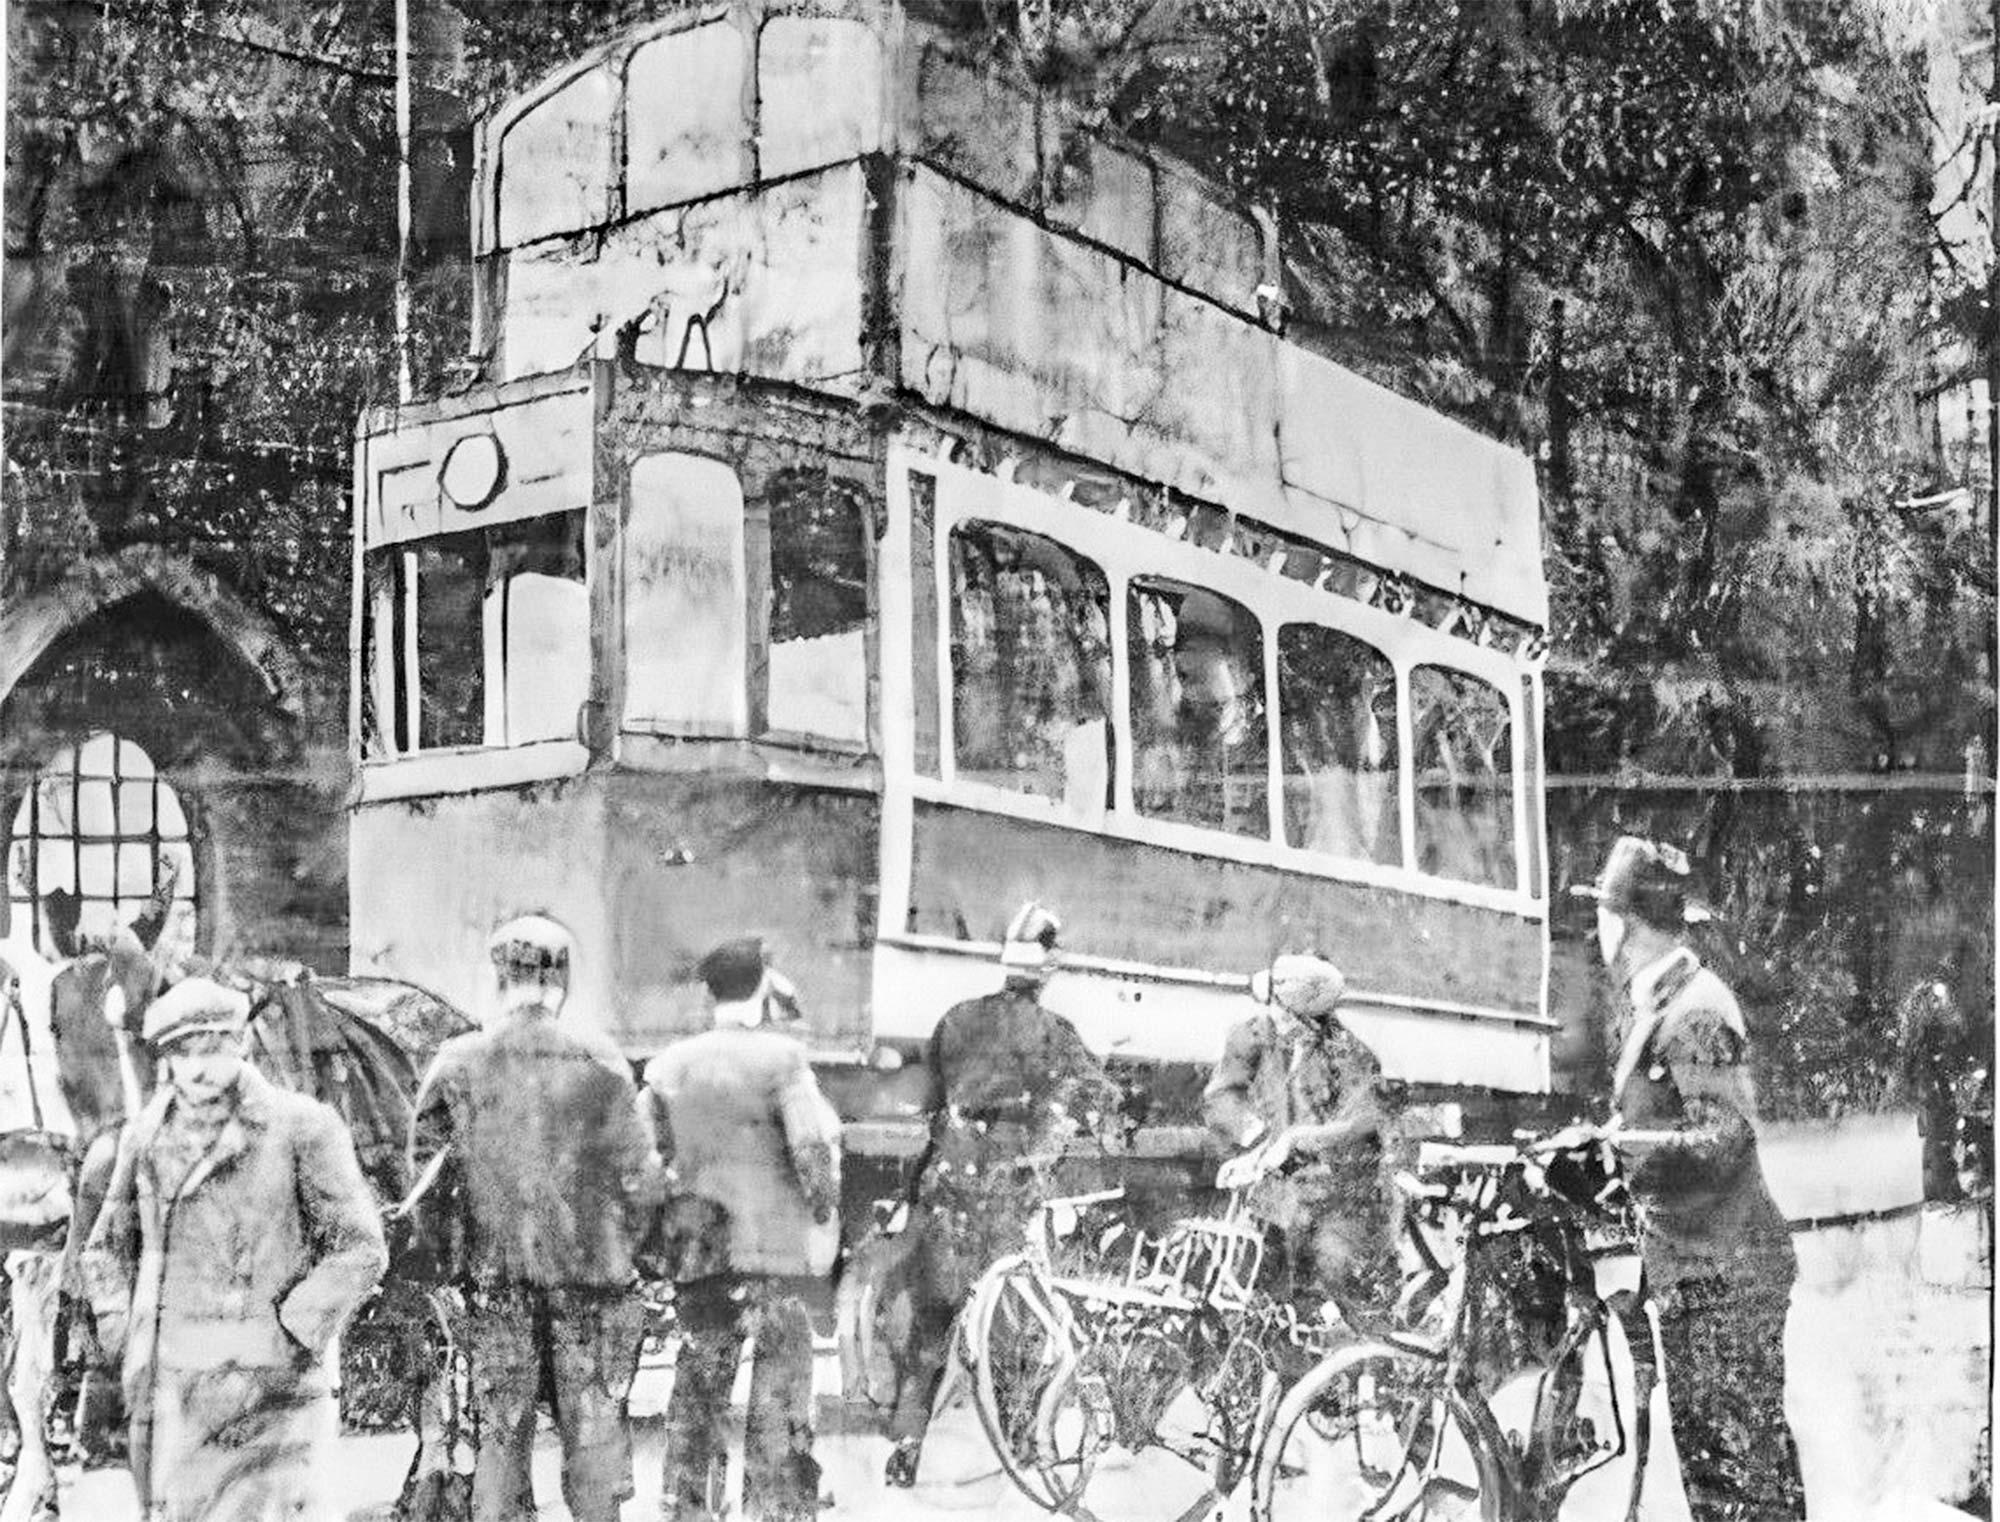 22. april 1934. Politikens fotograf var forbi Slotsholmsgade, hvor han så blokvognen med den høje sporvogn. Kusken nåede ikke at køre ud på Knippelsbro, men drejede af i tide.